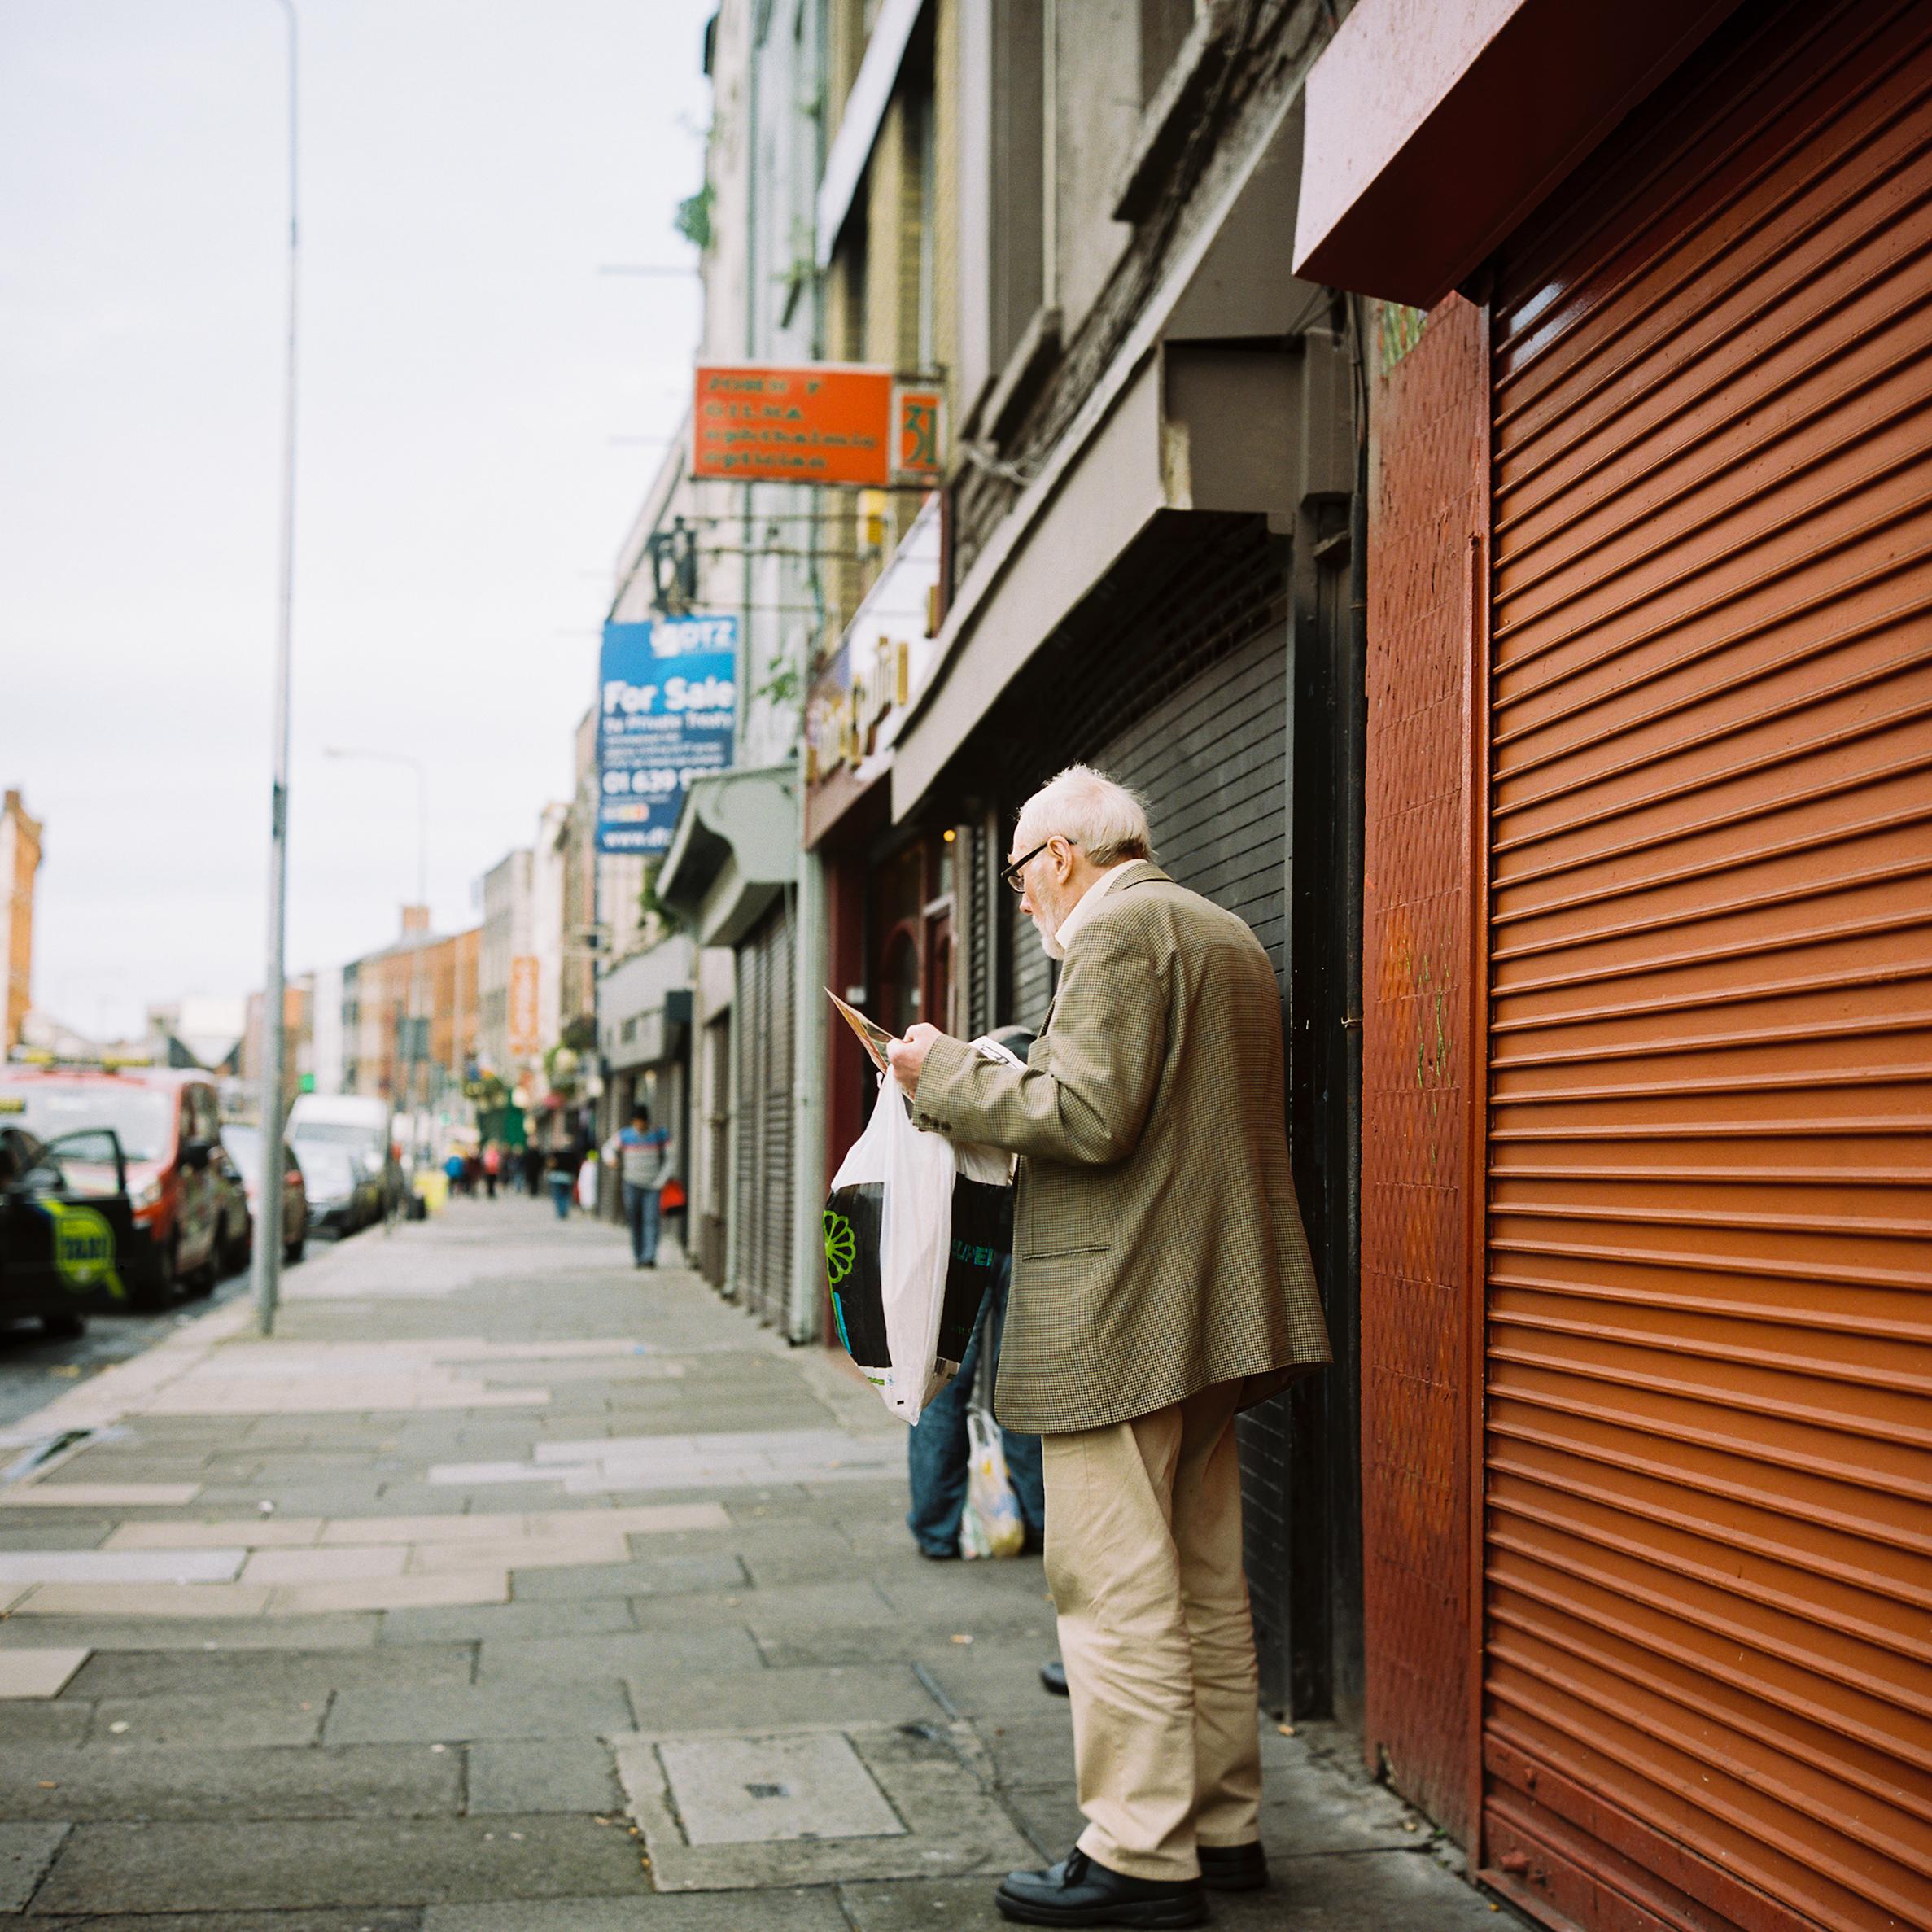 44.TheLiberties.Dublin.jpg